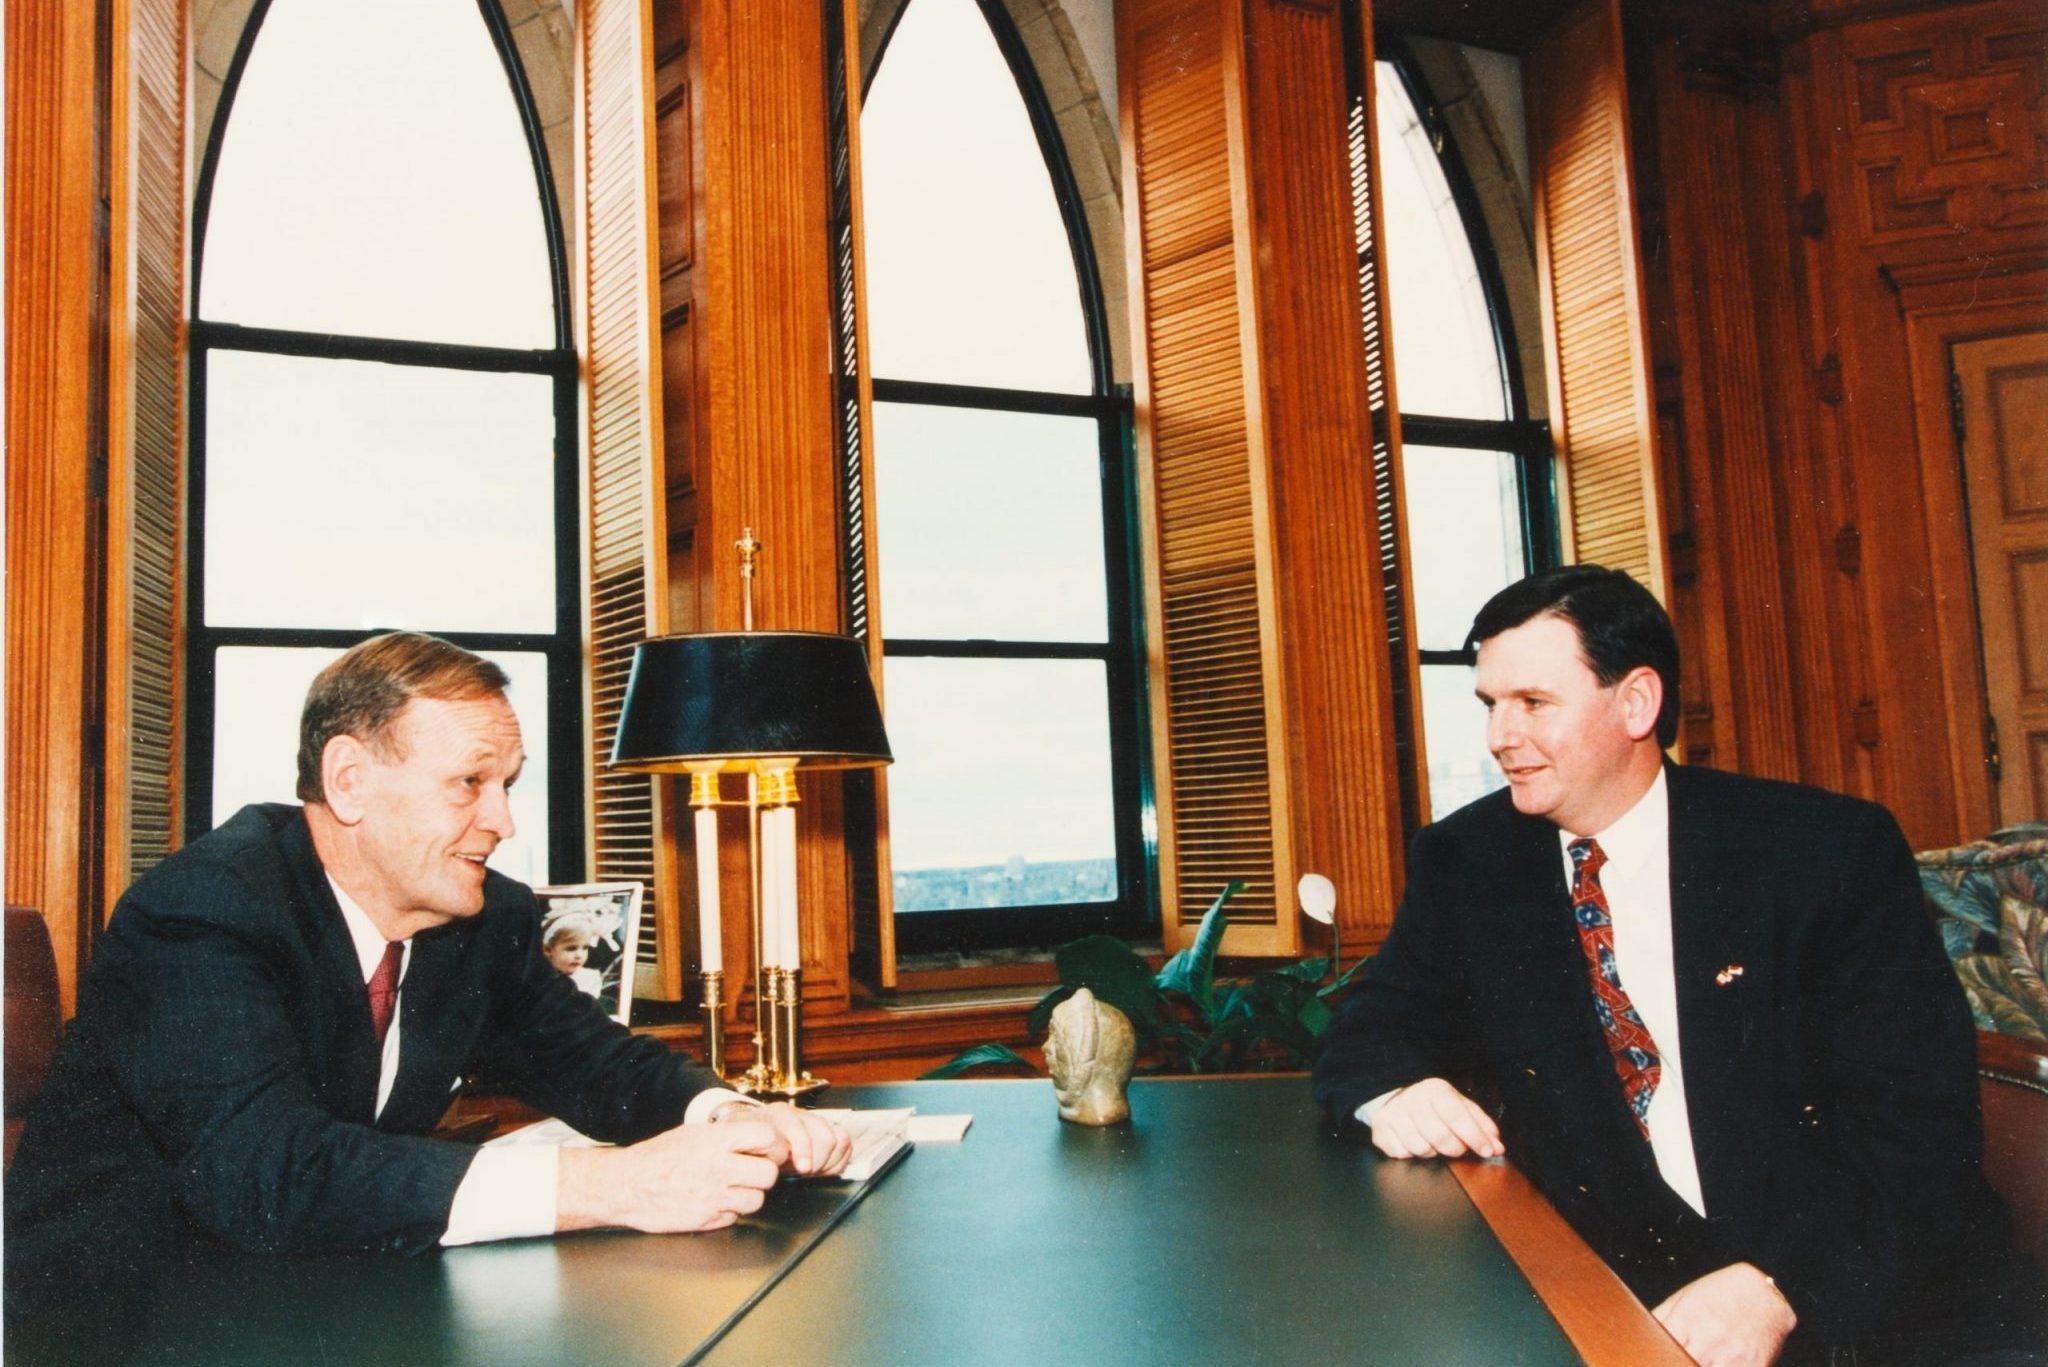 Hon. Jean Chretien and Hon. Gar Knutson